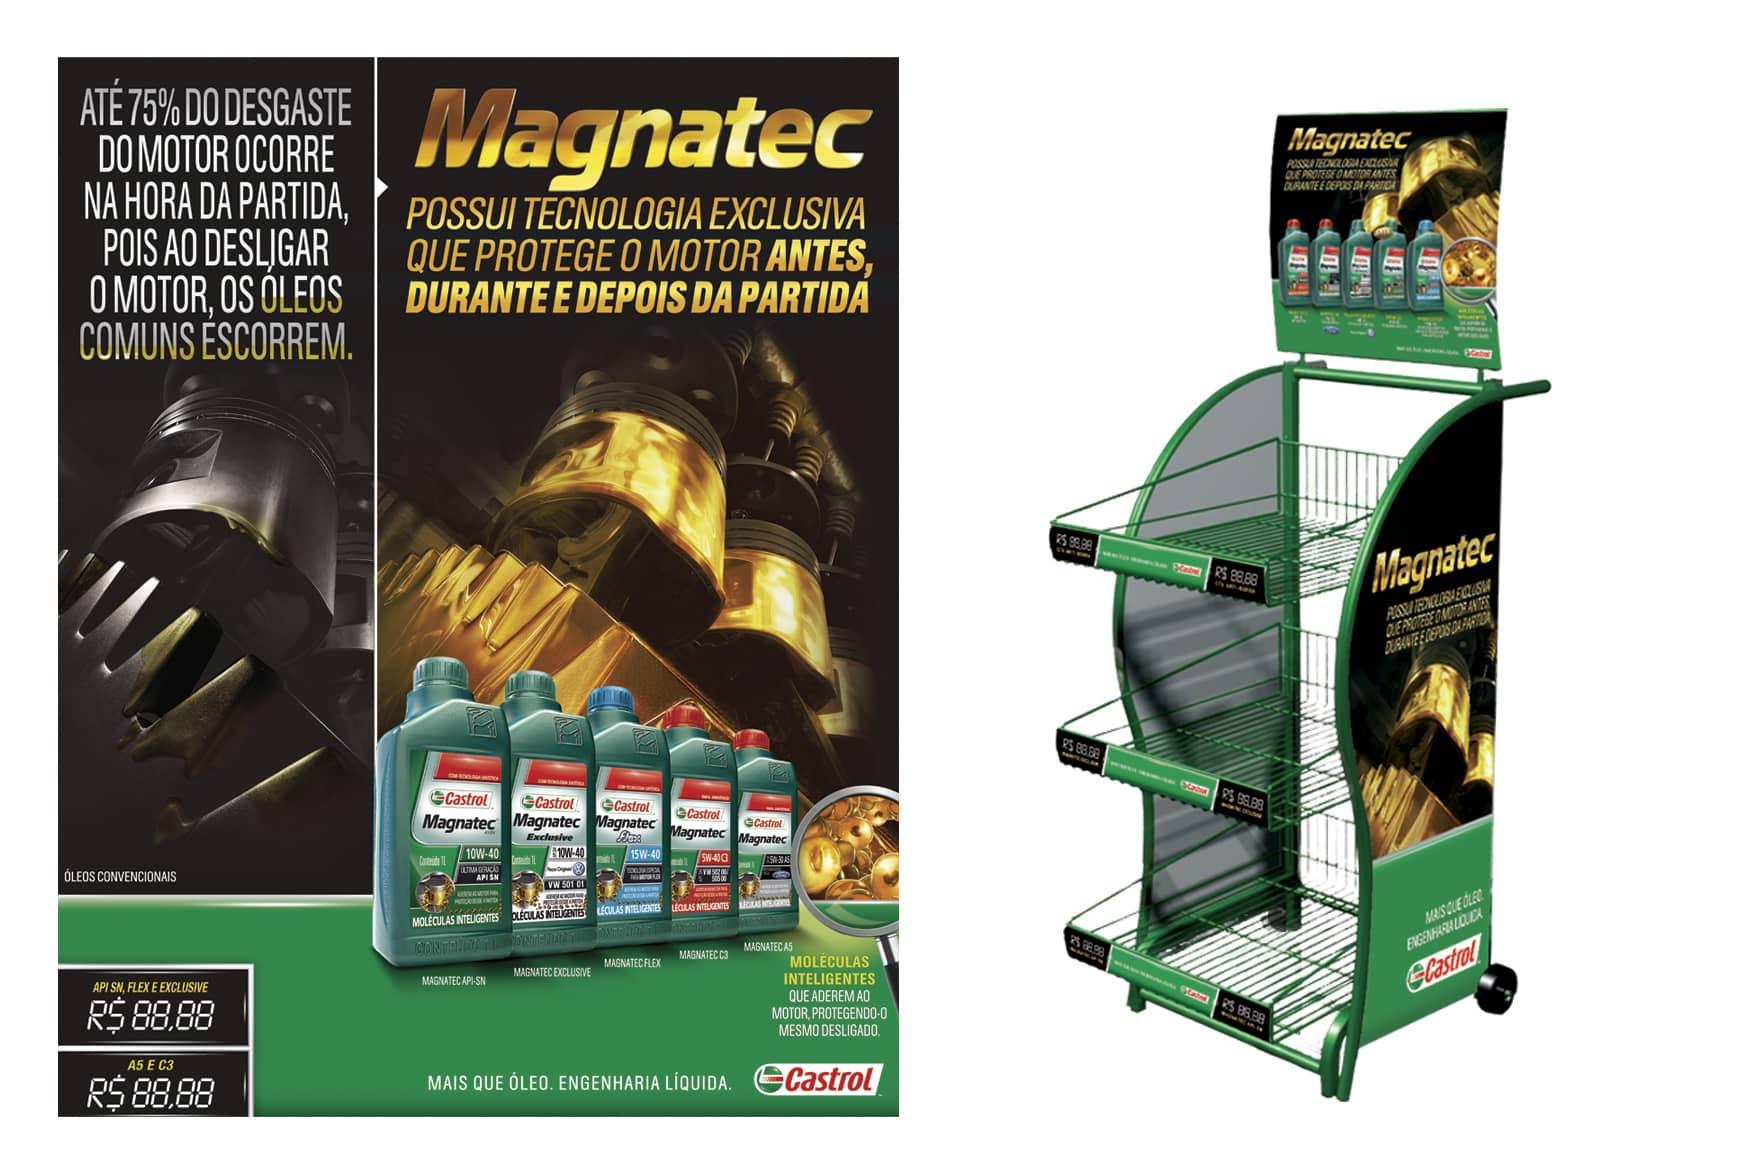 CASTROL_MAGNATEC_RGB_04